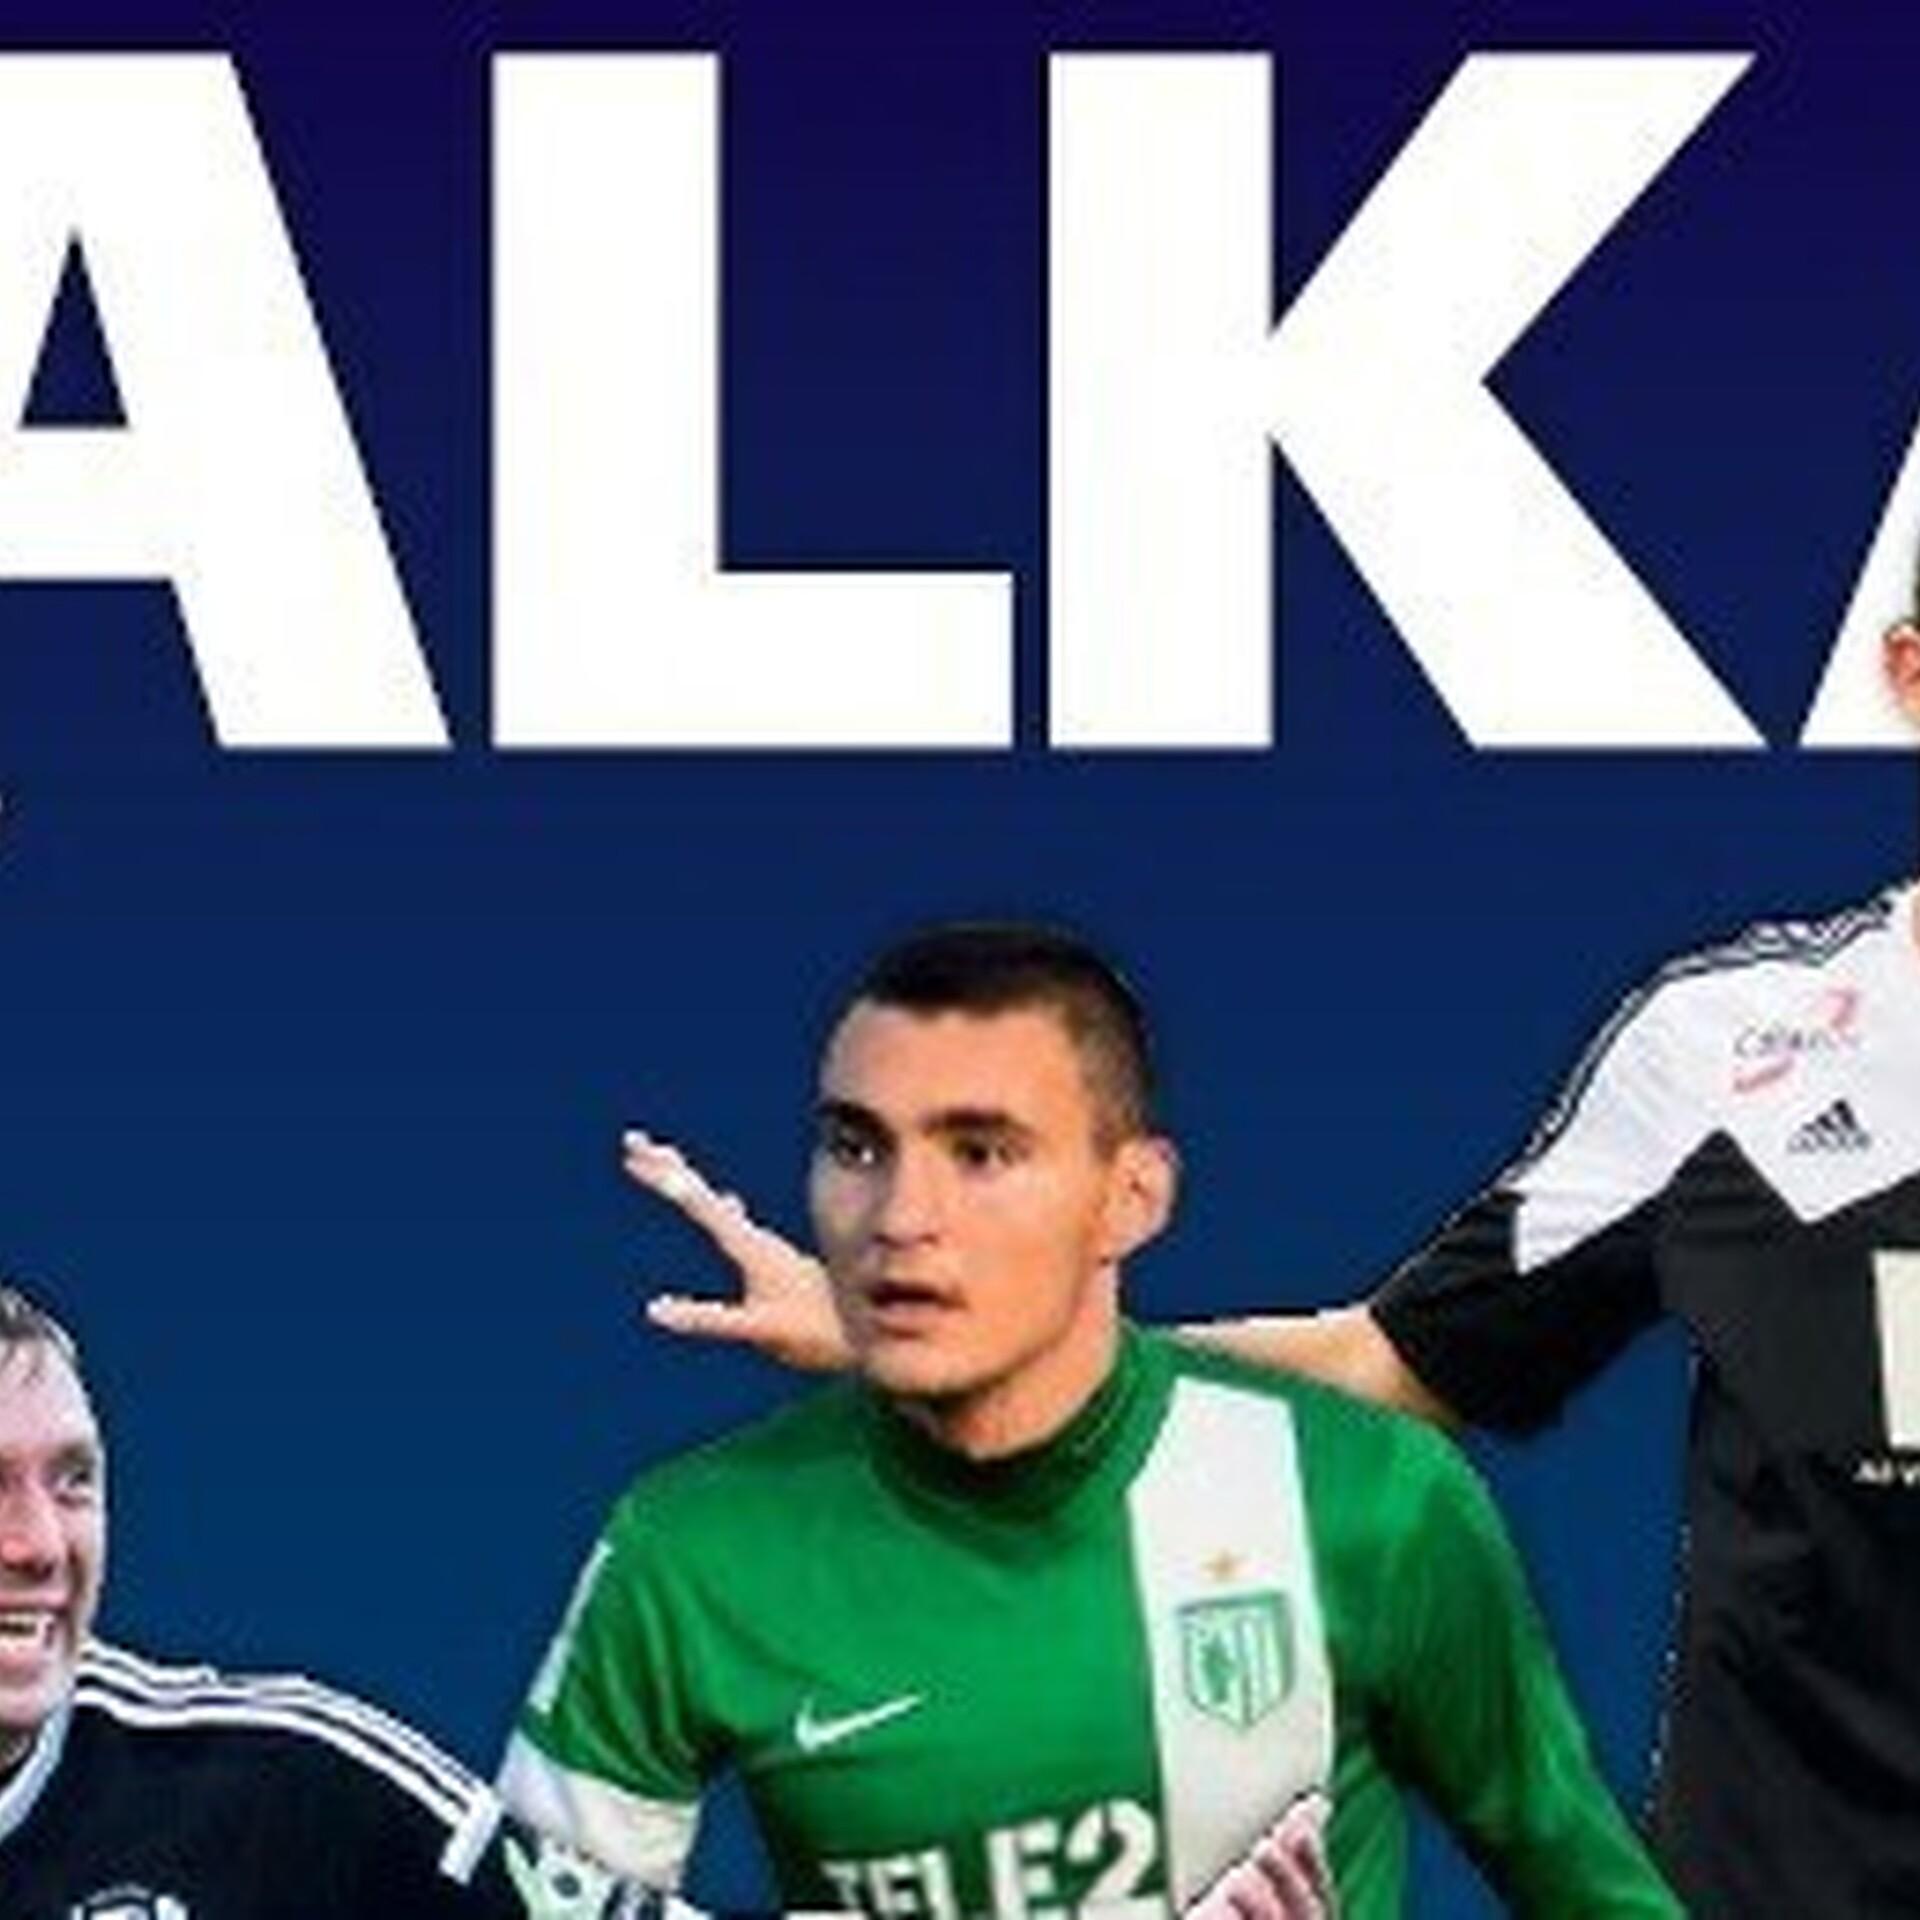 b796efbe11a Ajakiri Jalka avaldas aasta laureaadid | Jalgpall | ERR